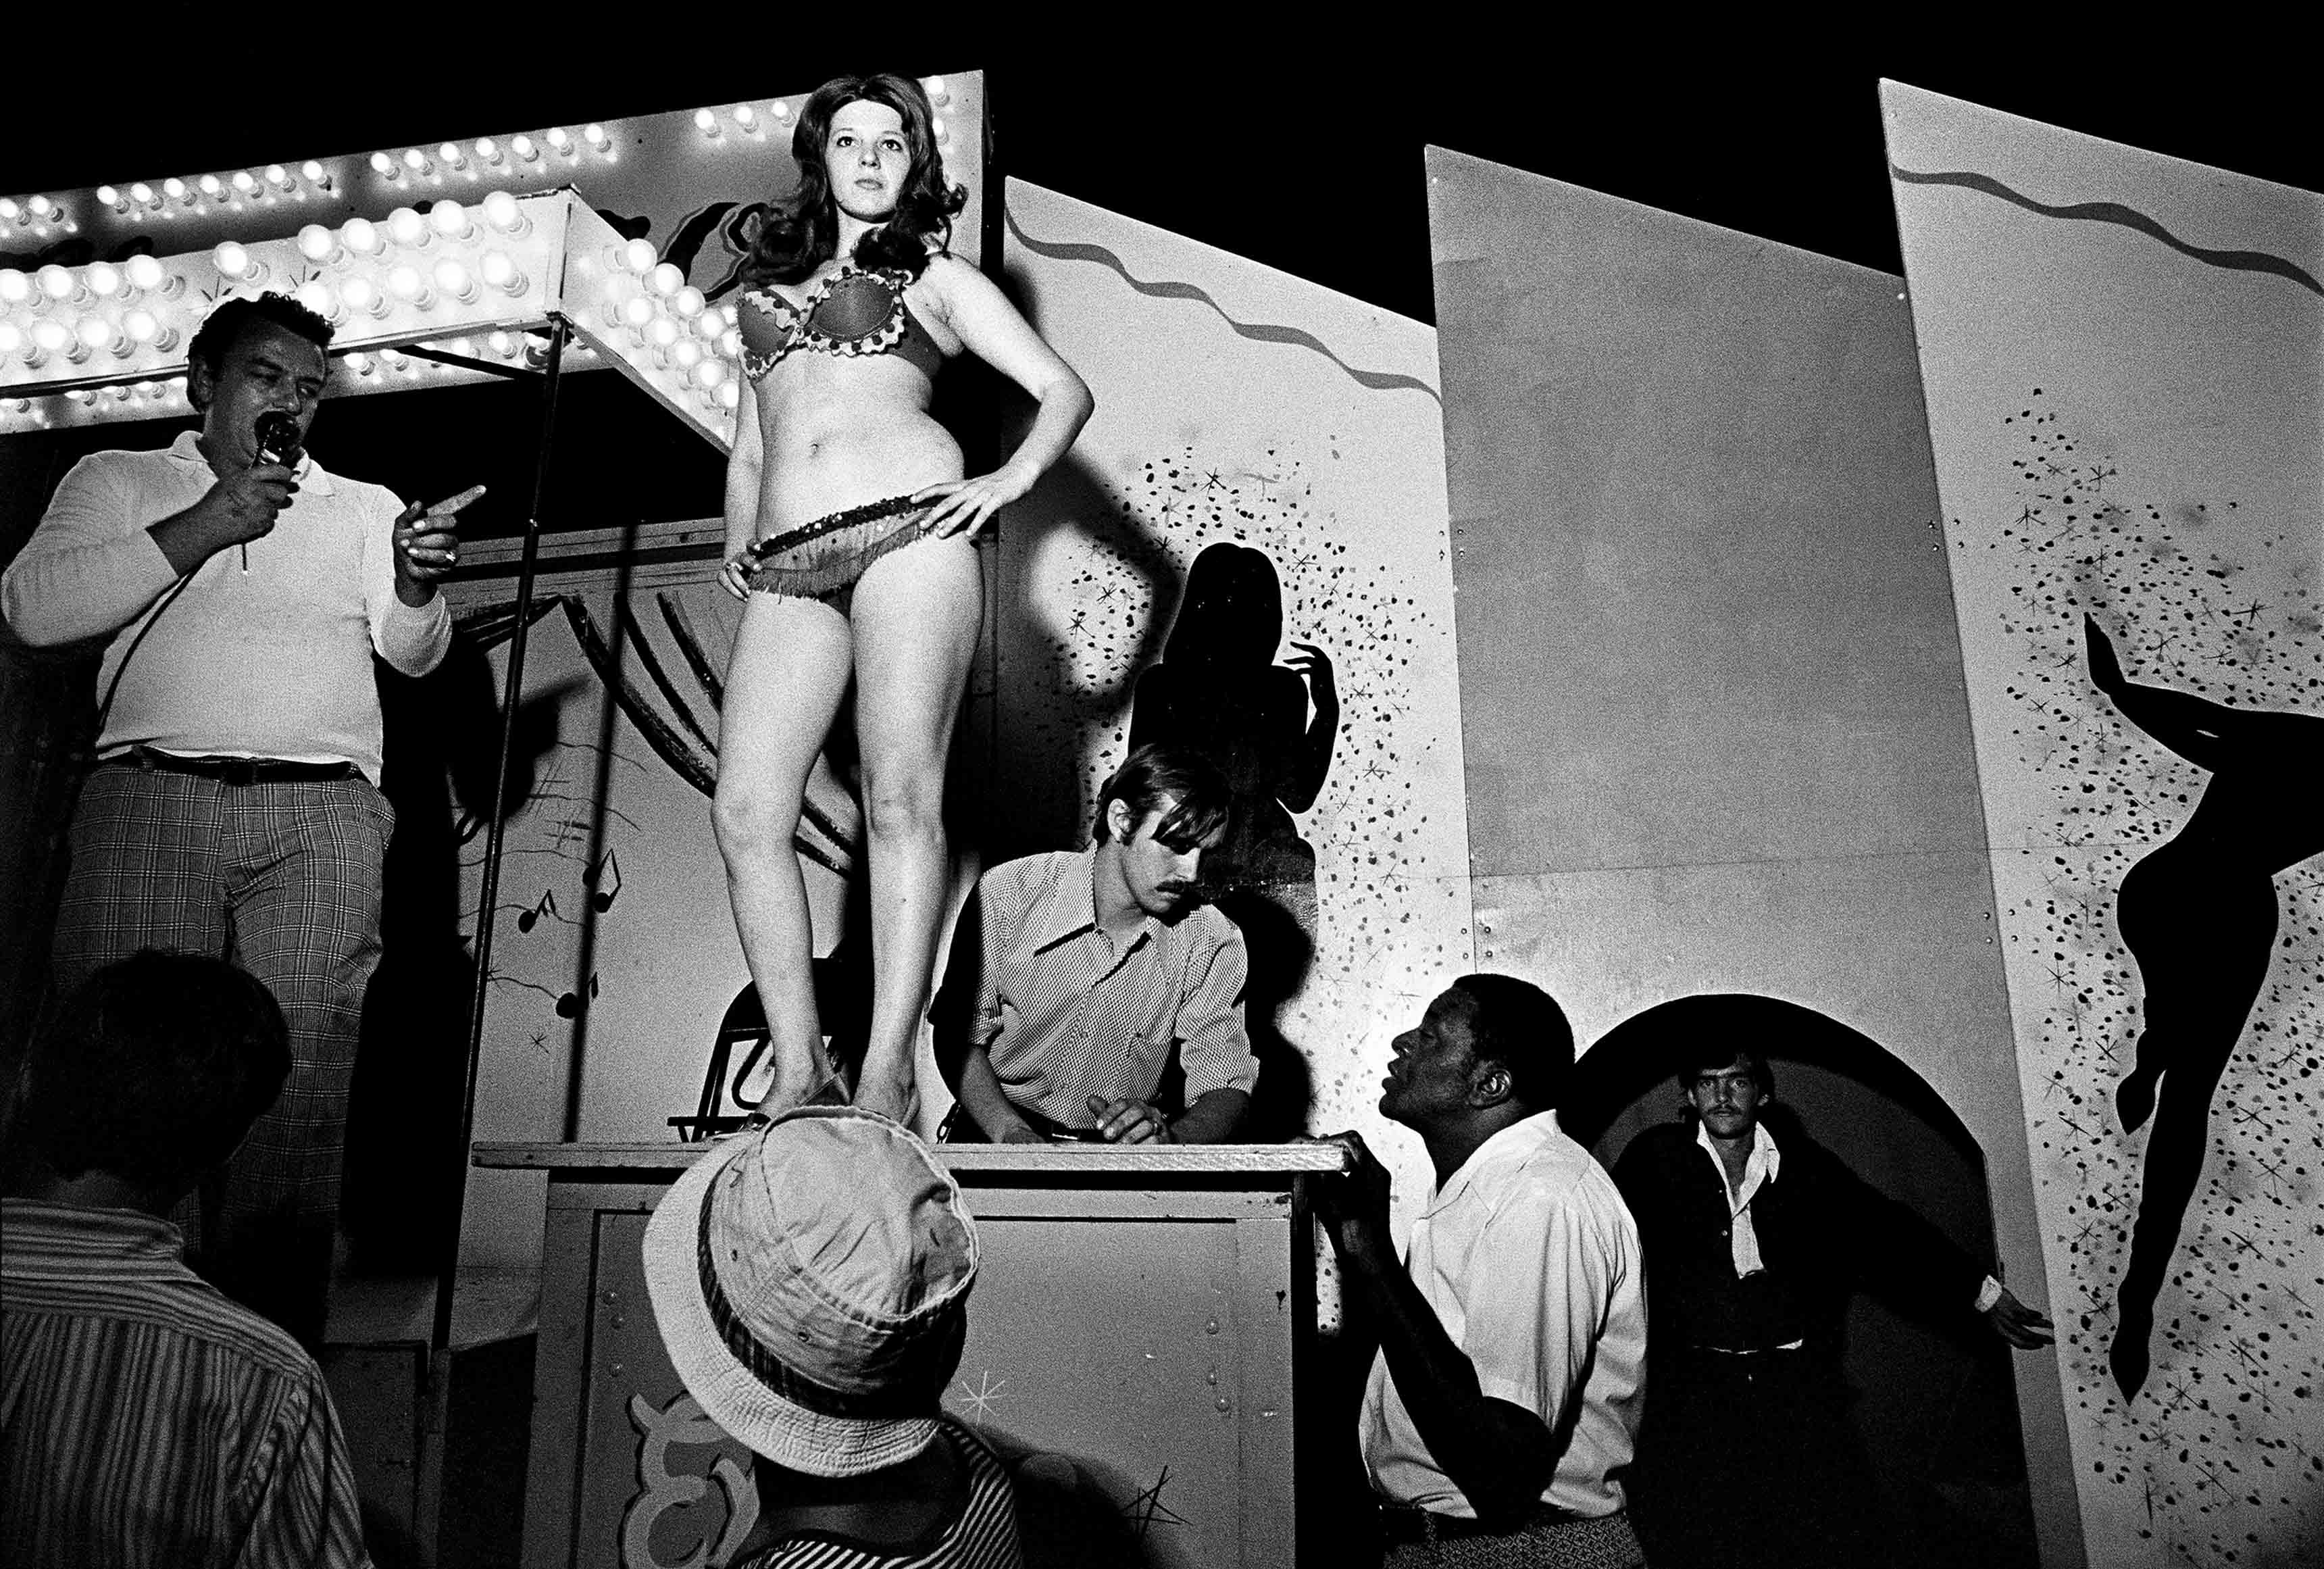 Susan Meiselas Lena juchée sur sa caisse, Essex Junction, Vermont, 1973. Série Carnival Strippers, 1972-1975 © Susan Meiselas/Magnum Photos